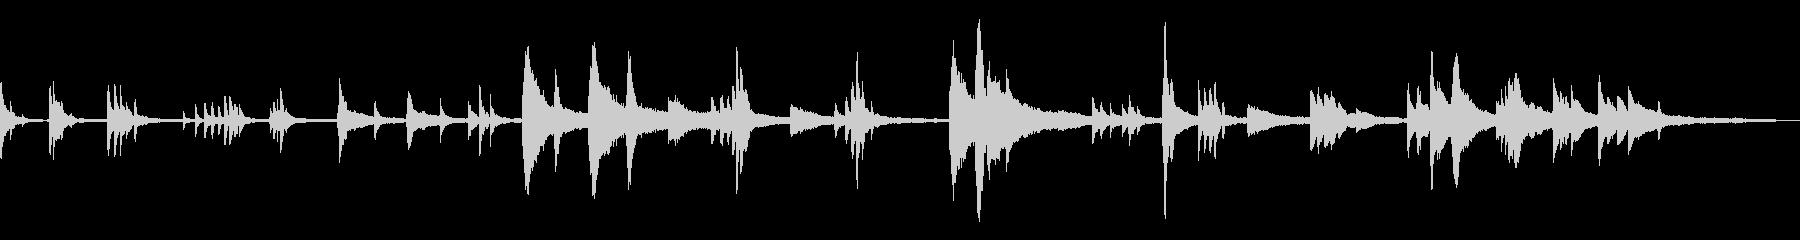 不気味/静寂/和風の雰囲気11-ピアノの未再生の波形